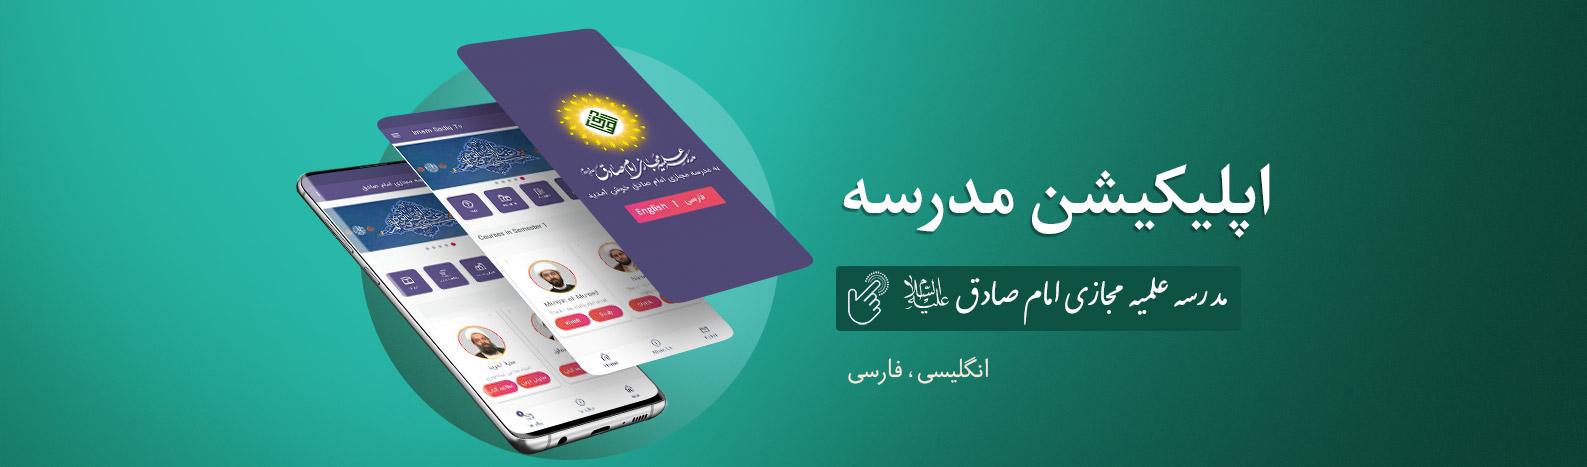 رونمایی از اپلیکیشن مدرسه علمیه مجازی امام صادق علیهالسلام